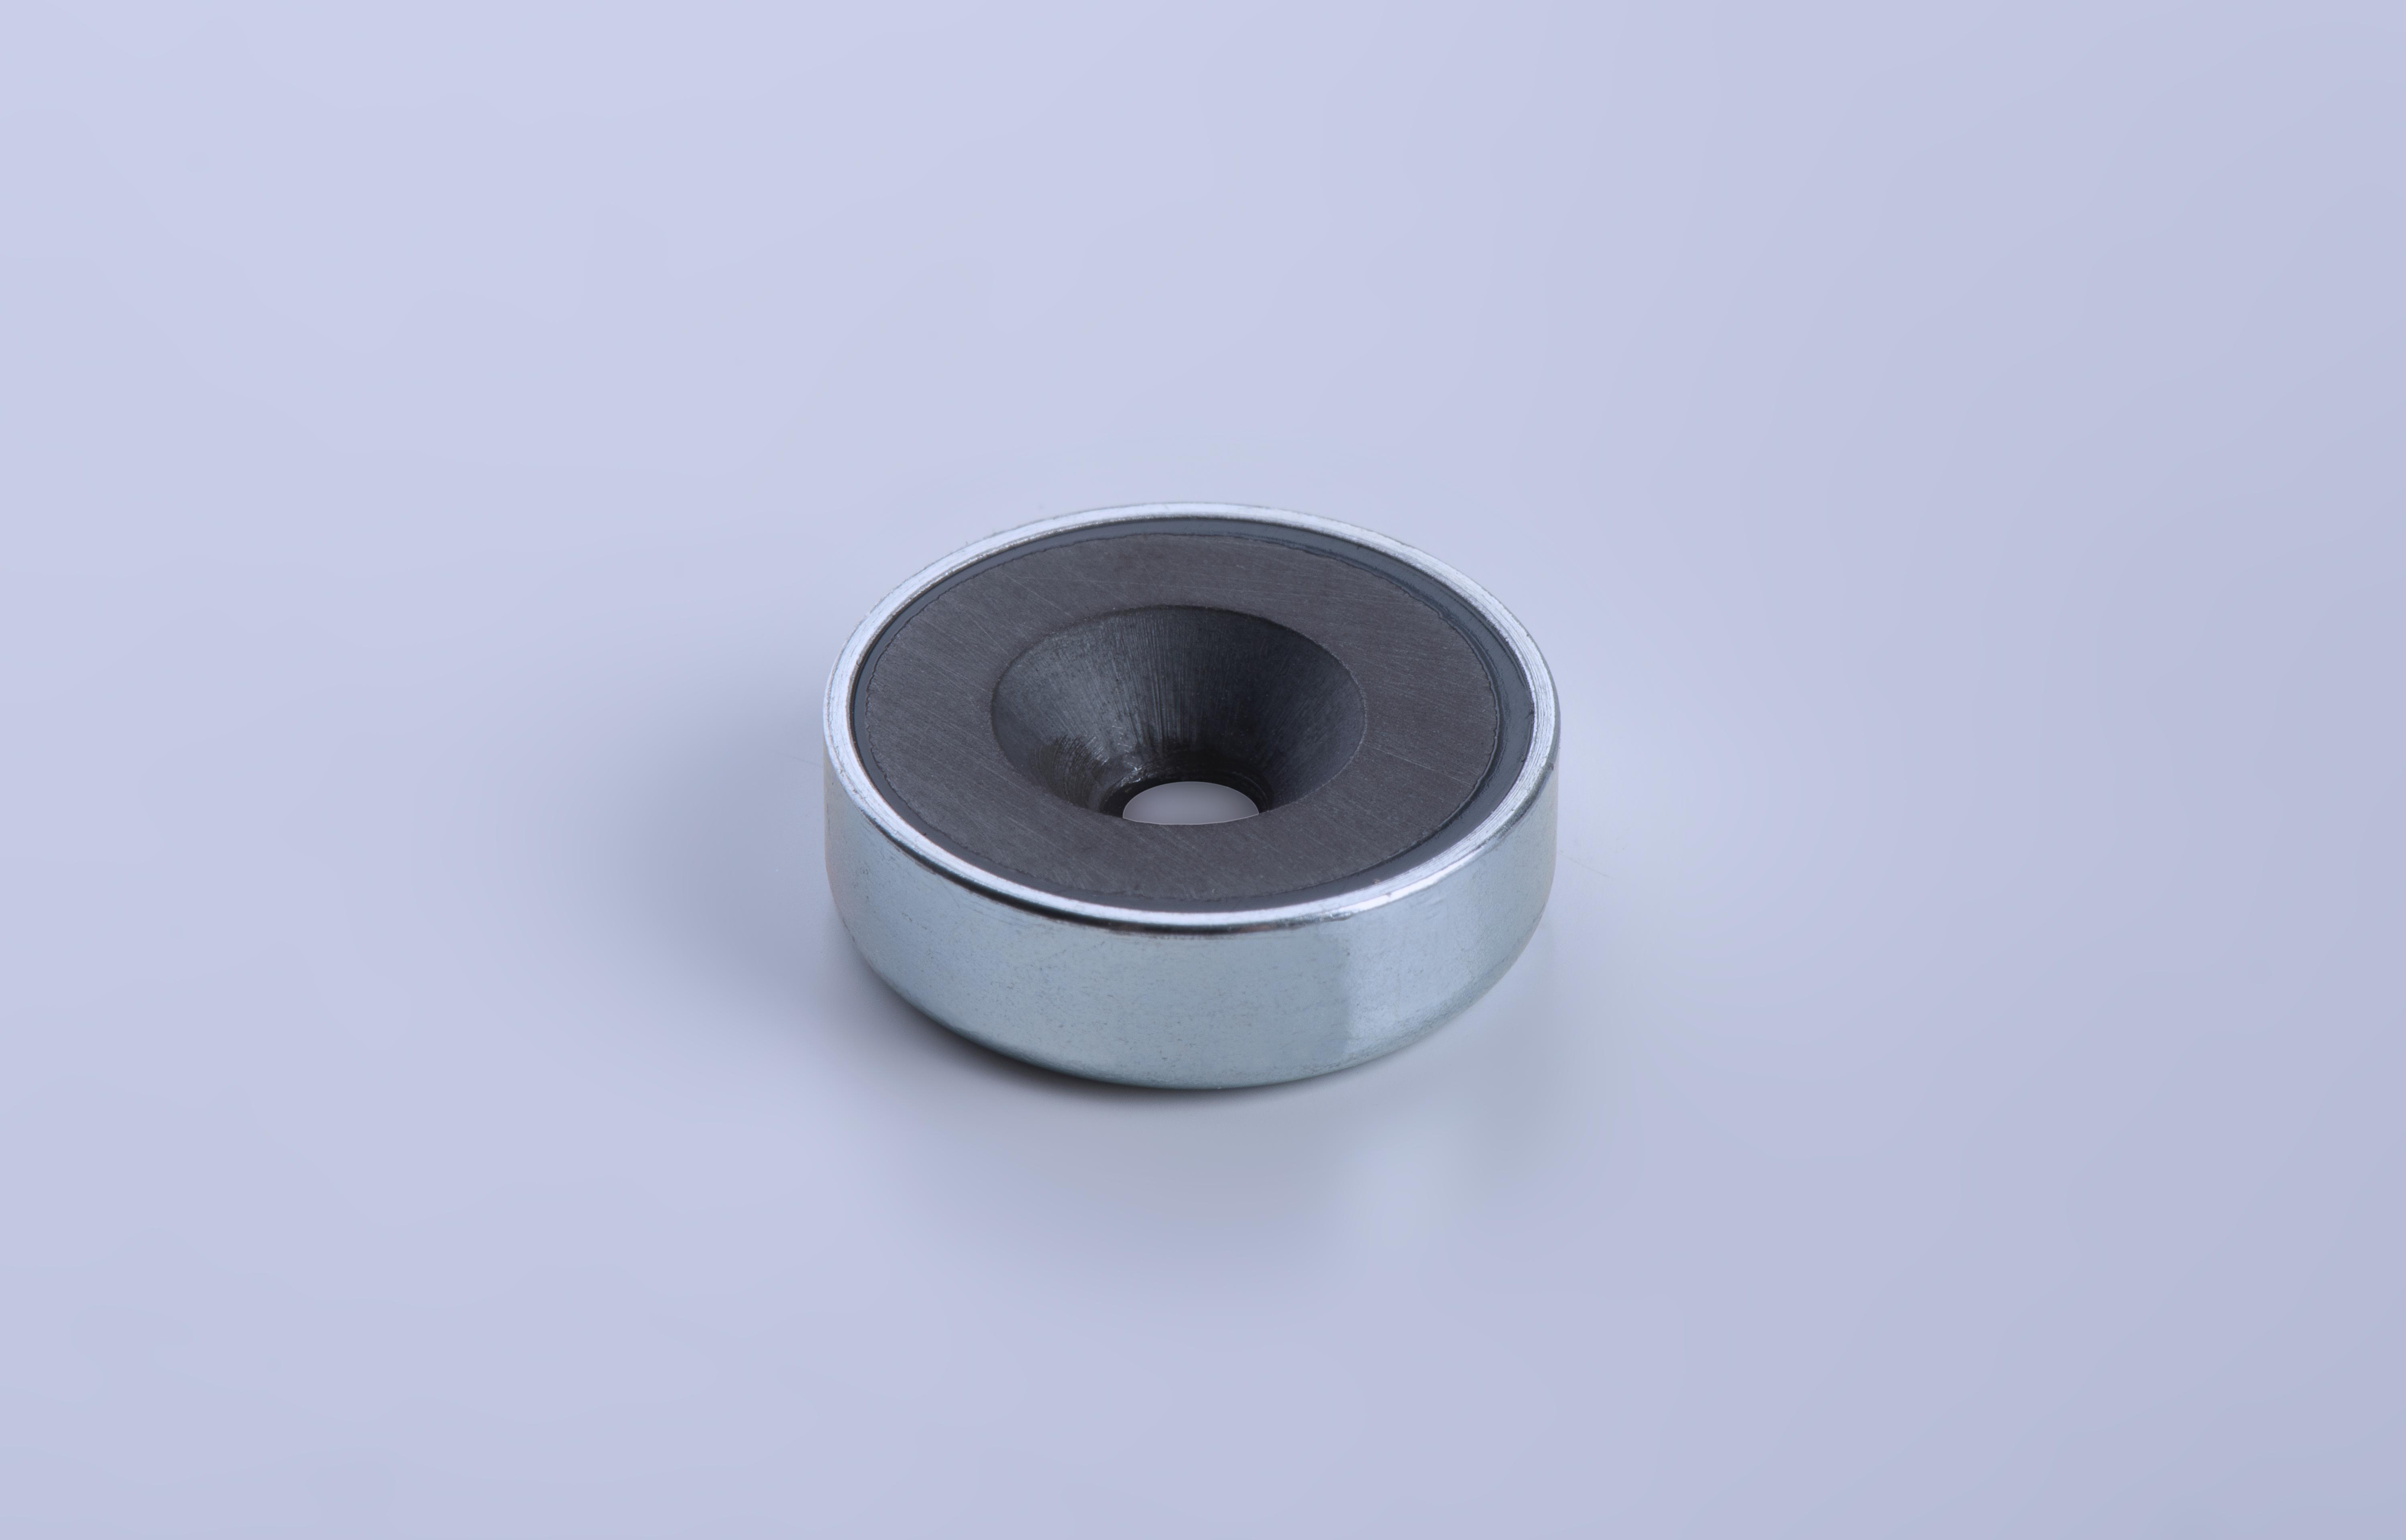 Flachgreifer aus Hartferrit, mit Bohrung und Senkung, verzinkt, thyssenkrupp Magnettechnik